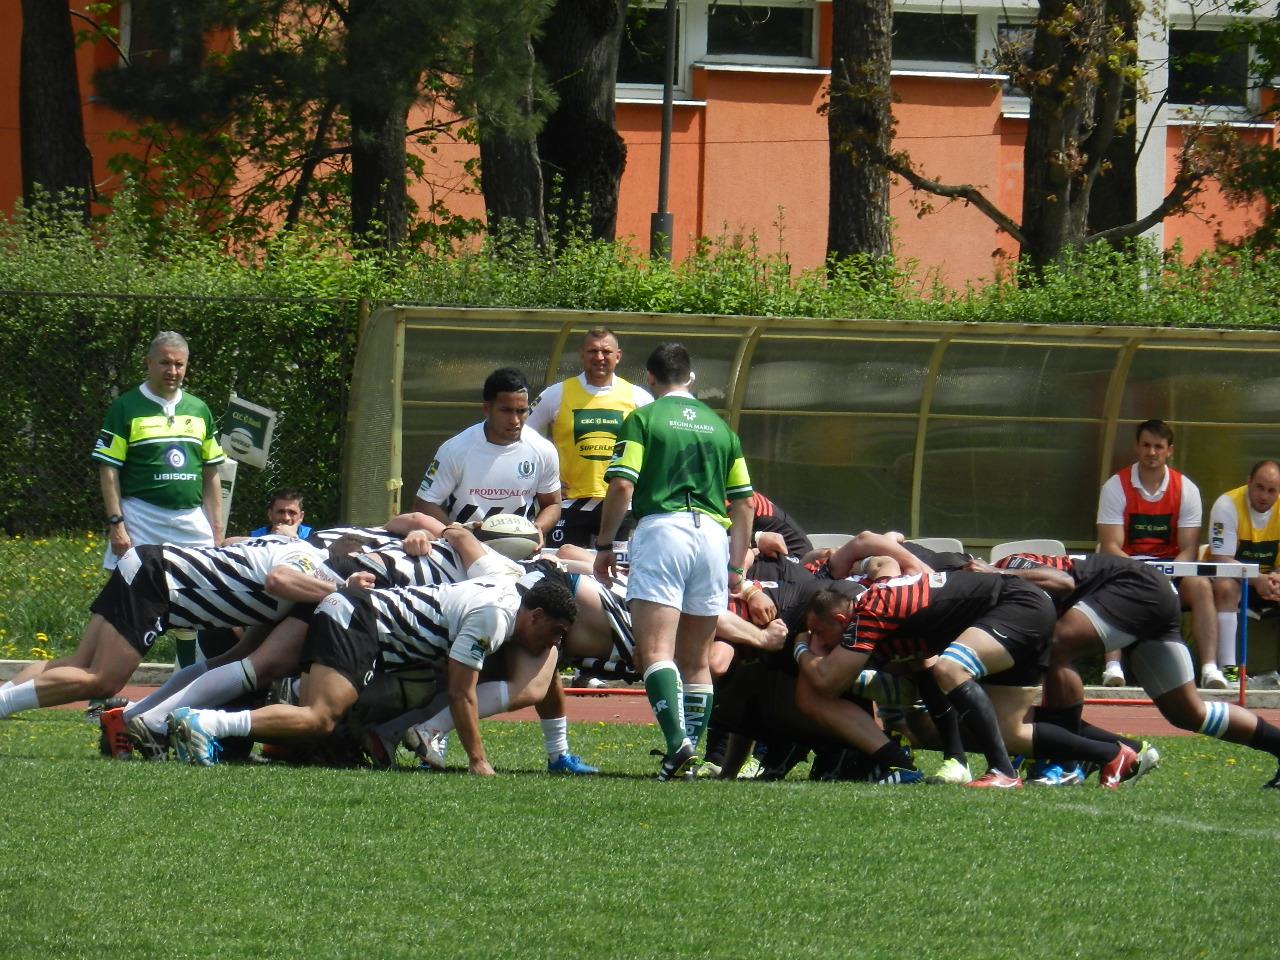 U Prodvinalco rugby masculin